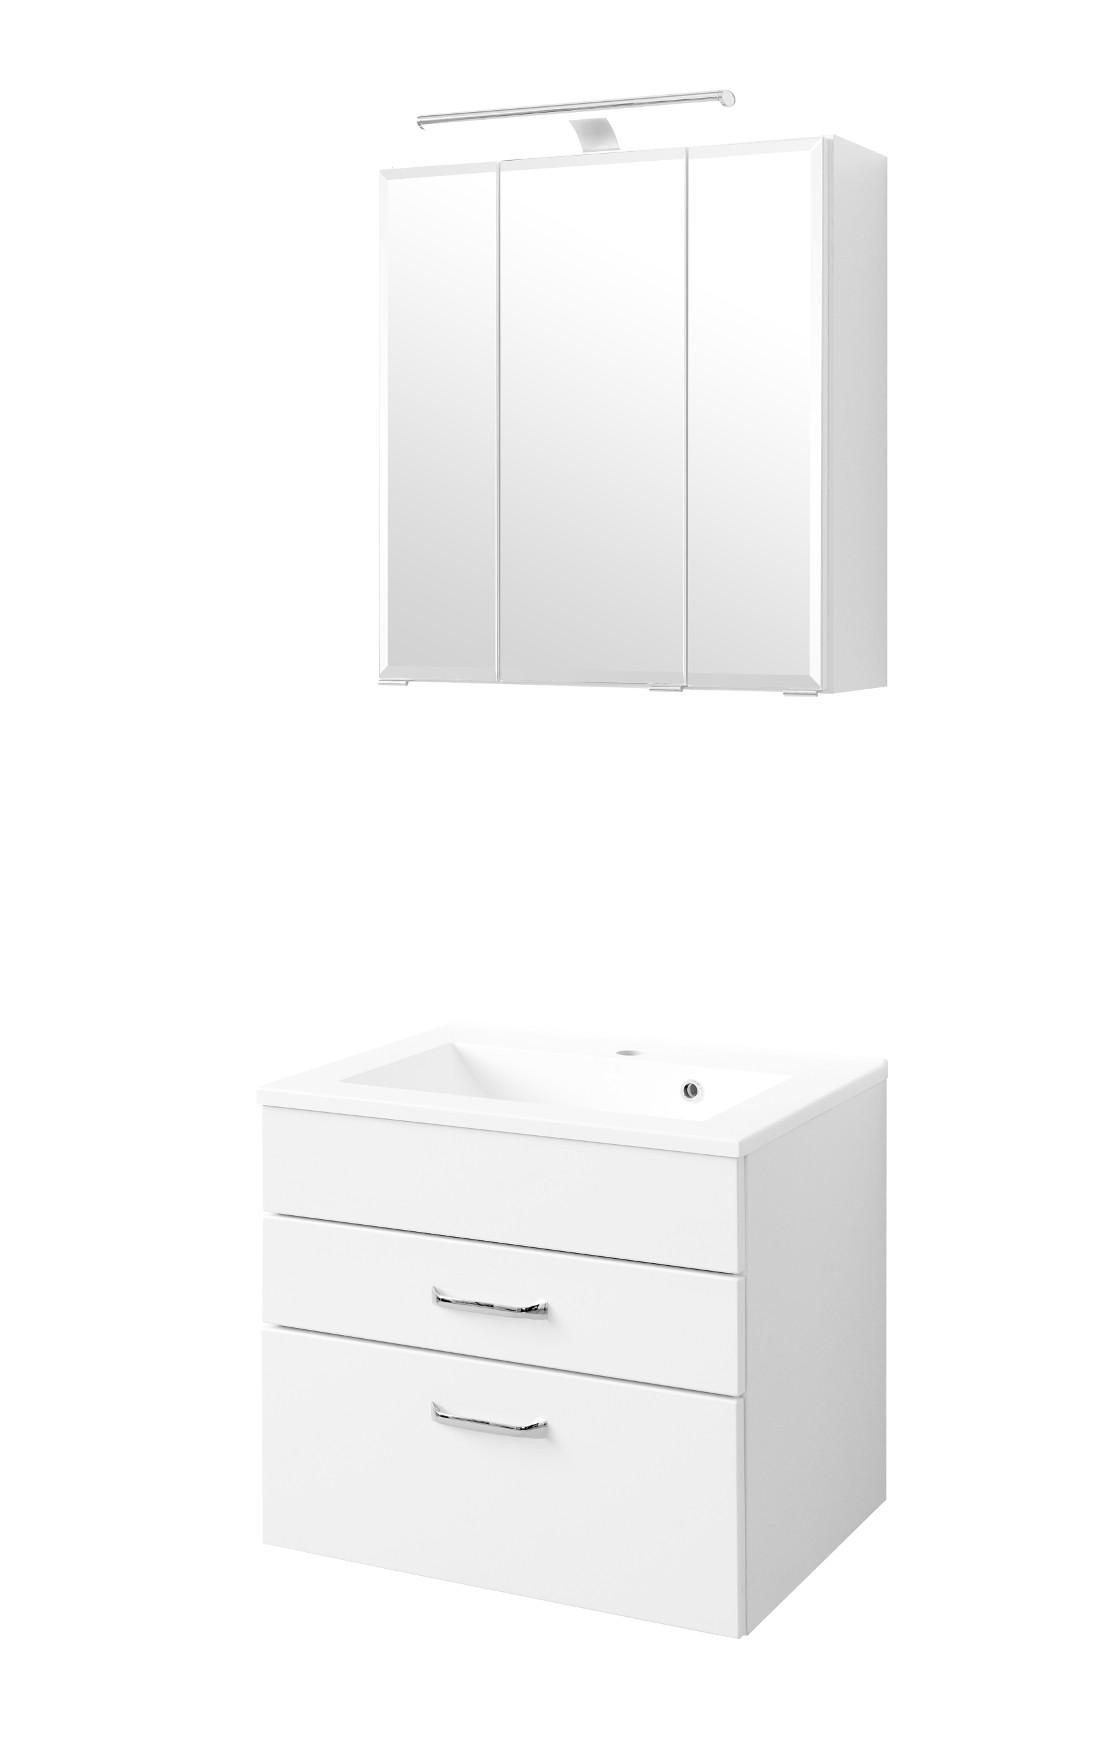 Badmöbel-Set FONTANA - mit Waschtisch - 4-teilig - 60 cm breit ...